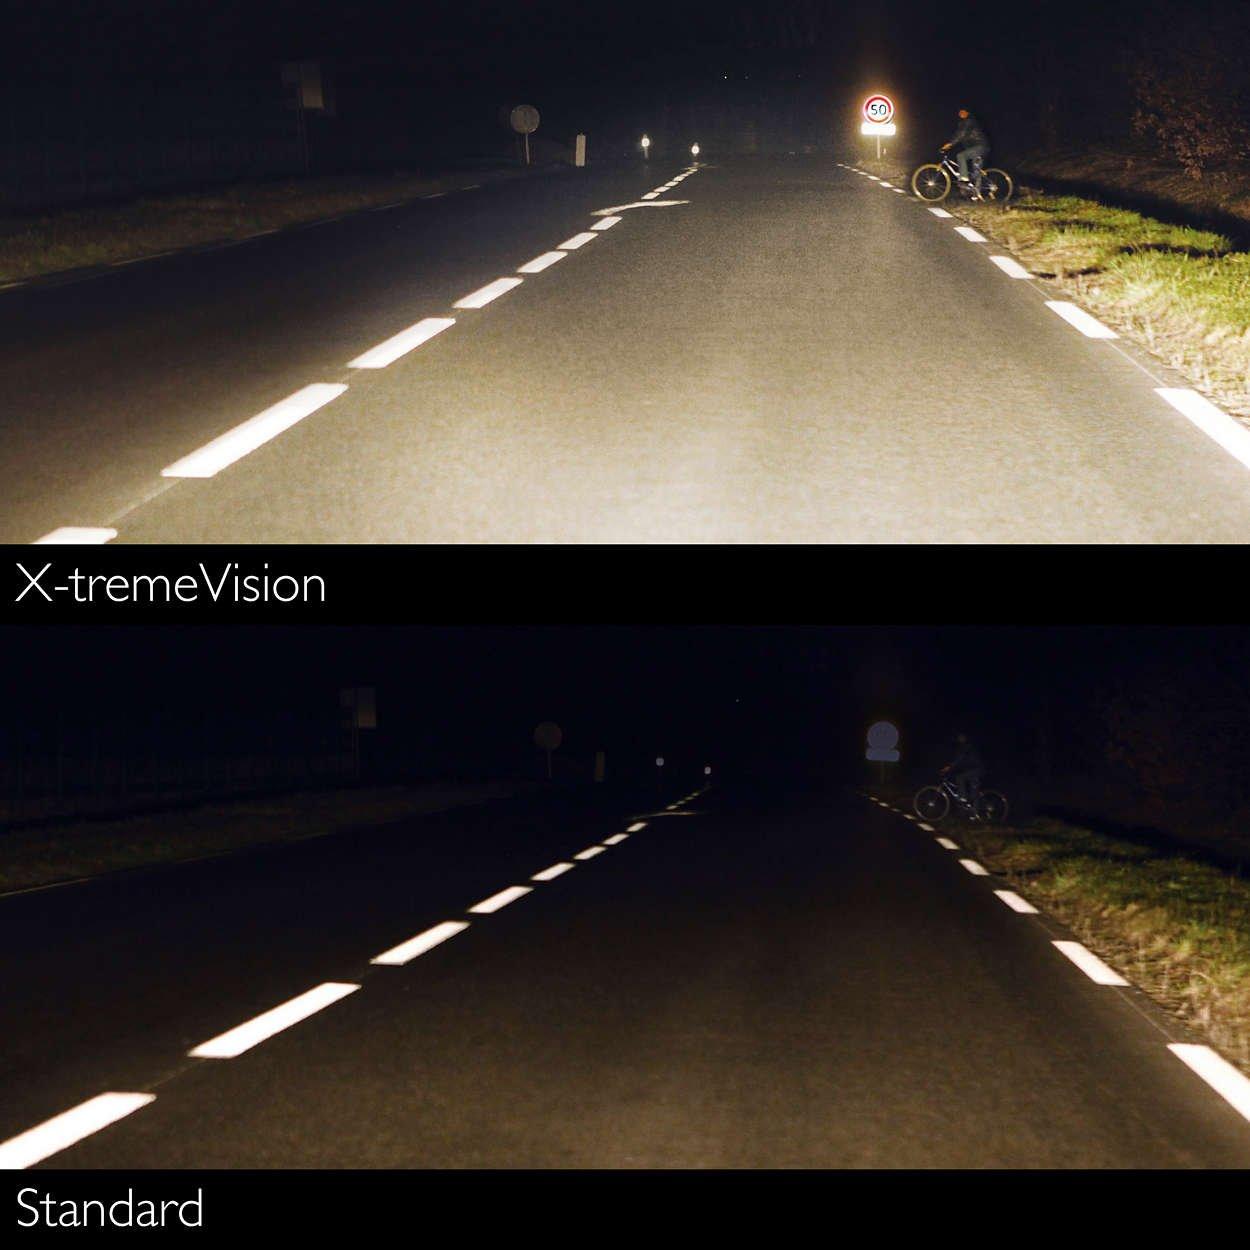 D3S 42403 4800K - Bóng đèn pha ôtô/ xe hơi Philips Xenon D3S 42403 XV2 85V 35W P32D-2 C1 tăng sáng 150%, sáng vàng tiêu chuẩn 4800K